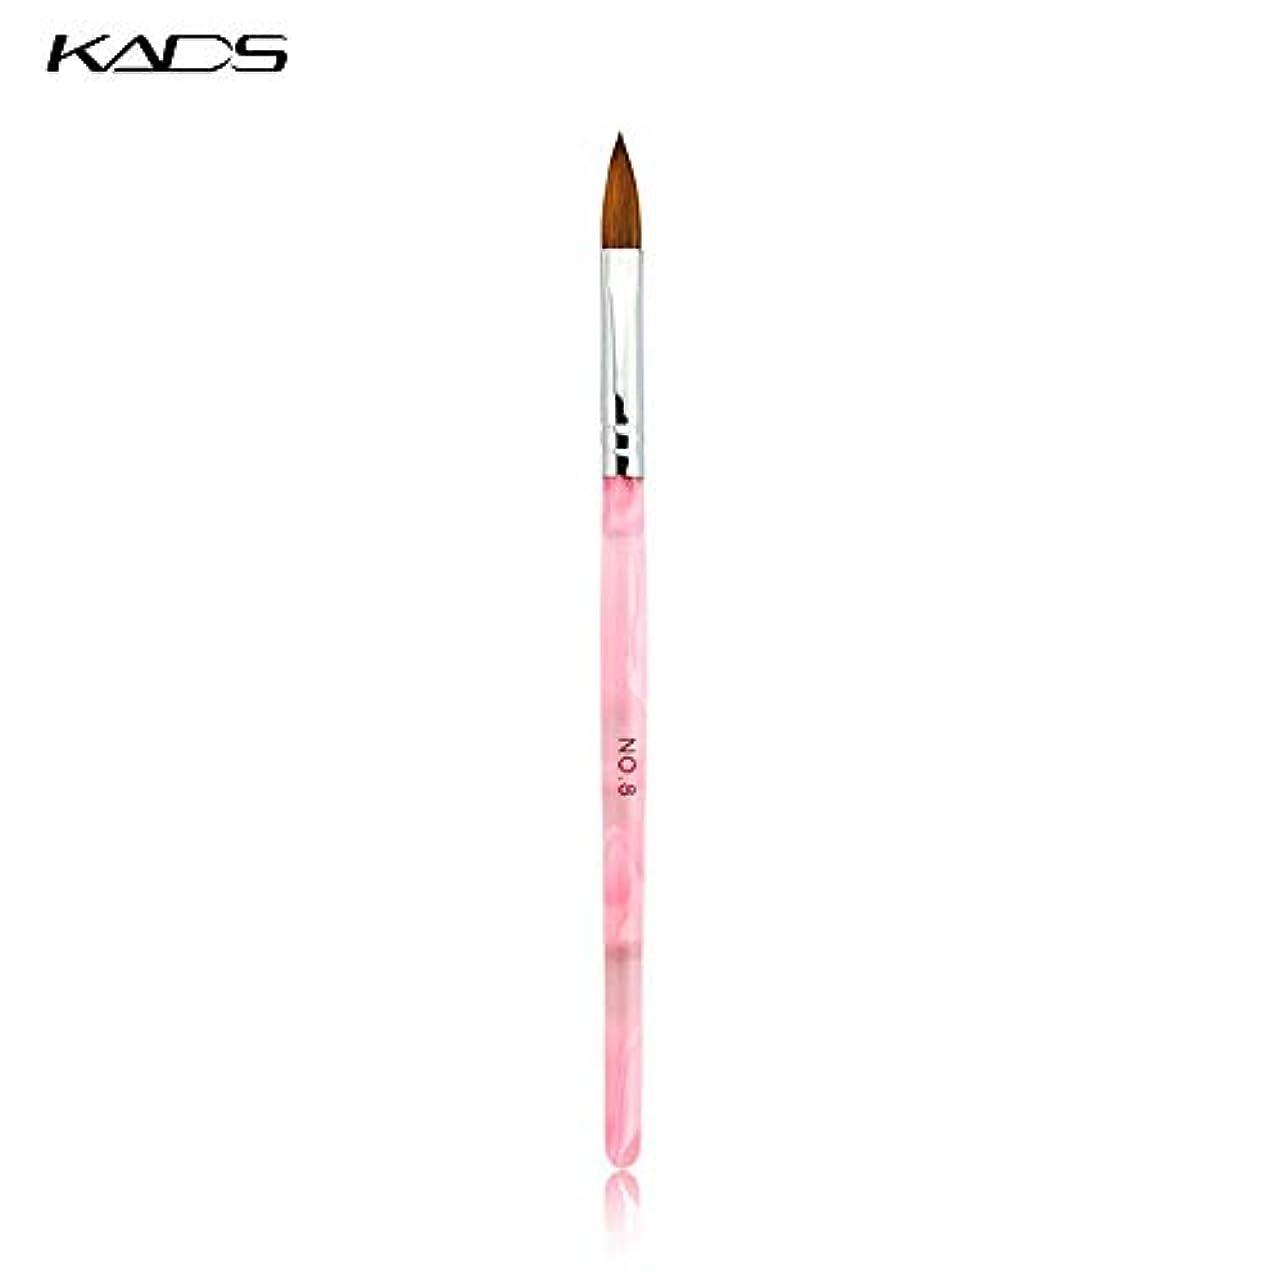 大脳幾分そばにKADS アクリル用ネイル筆/ブラシ 1本 8# コリンスキー筆 ネイルアートペンネイルアートツール (8#)